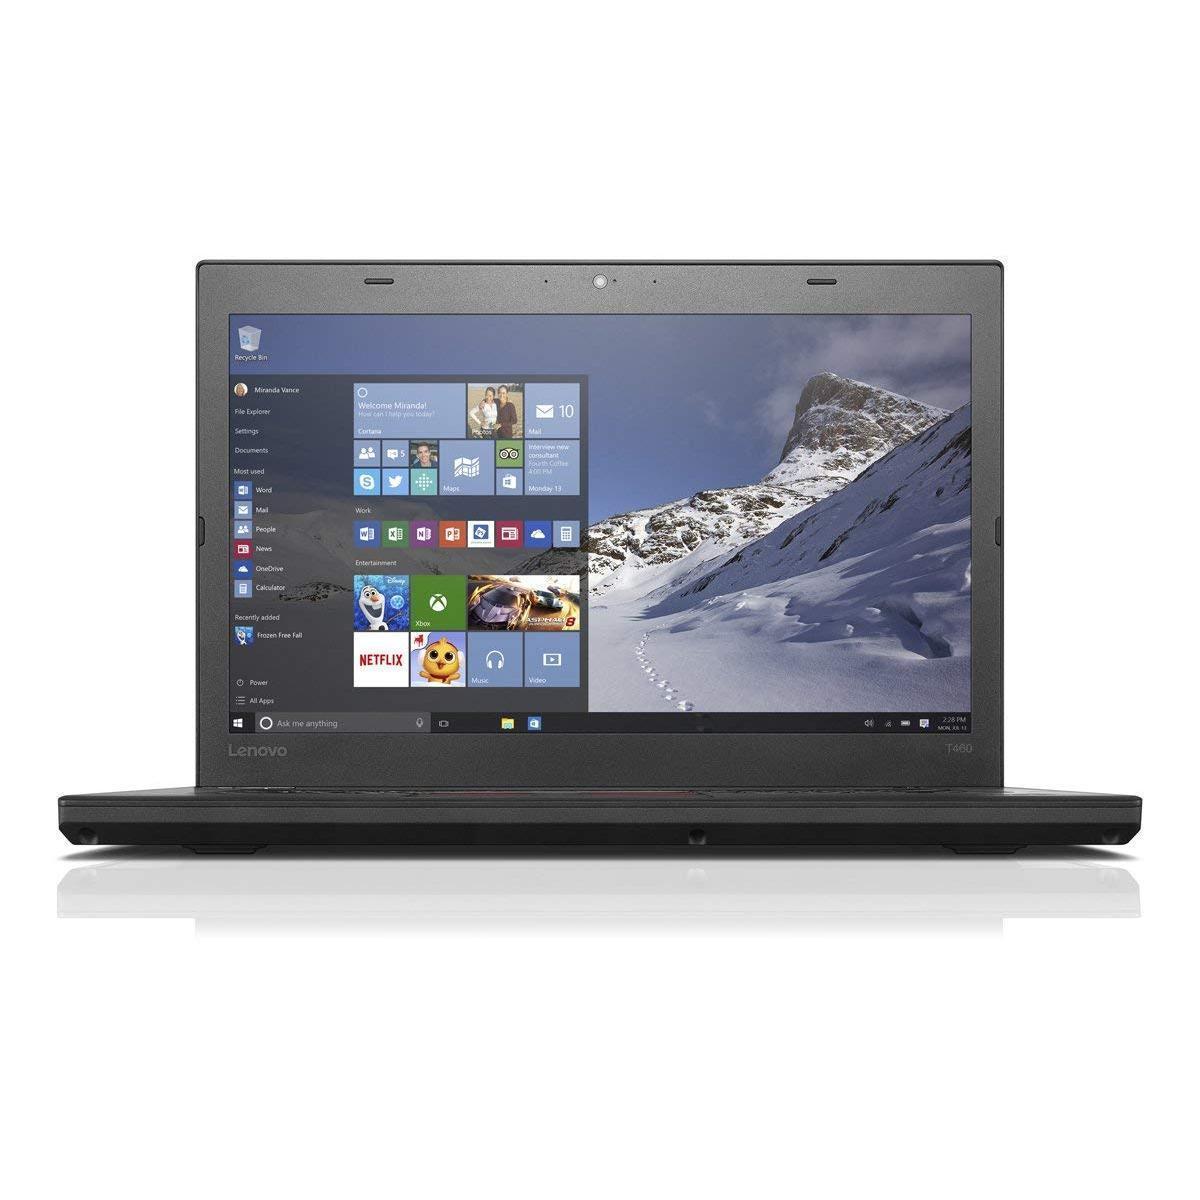 Lenovo Thinkpad T460 14-inch (2016) - Core i5-6300U - 4 GB - HDD 320 GB